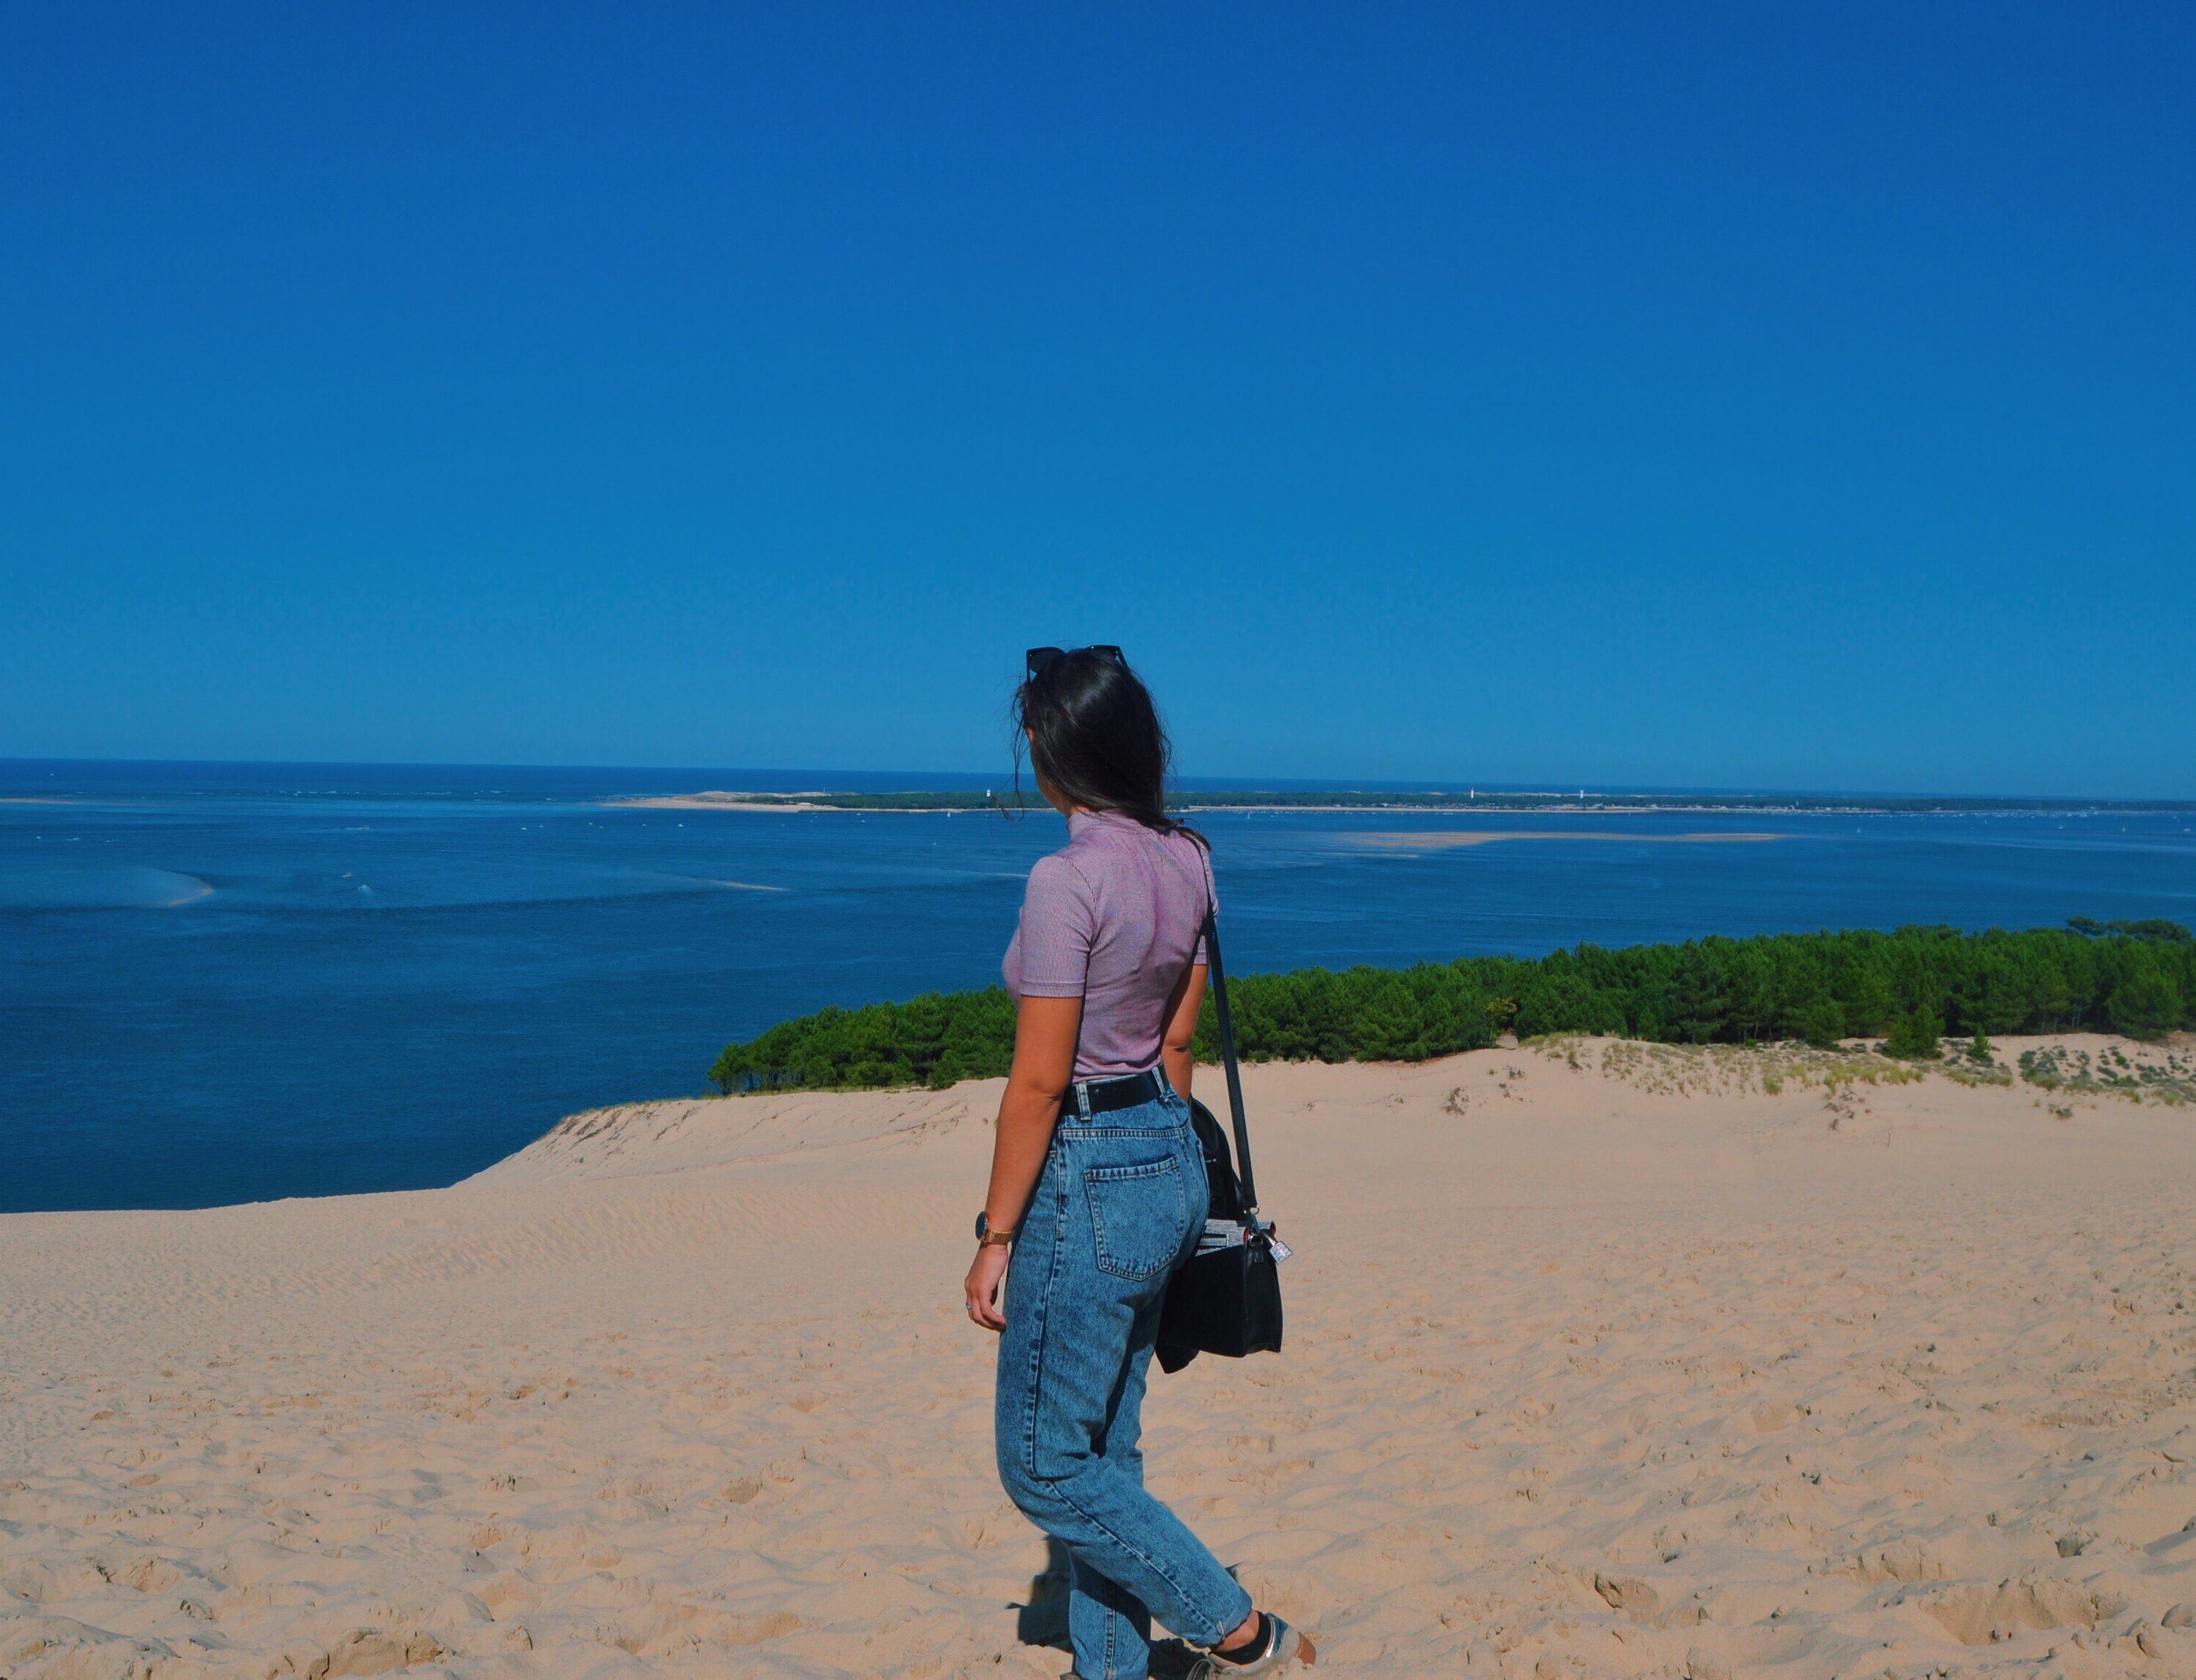 une-escapade-a-la-dune-du-pilat-bassin-arcachon-dune-du-pilat-dune-du-pyla-plage-sable-les-ptits-touristes-blog-voyage